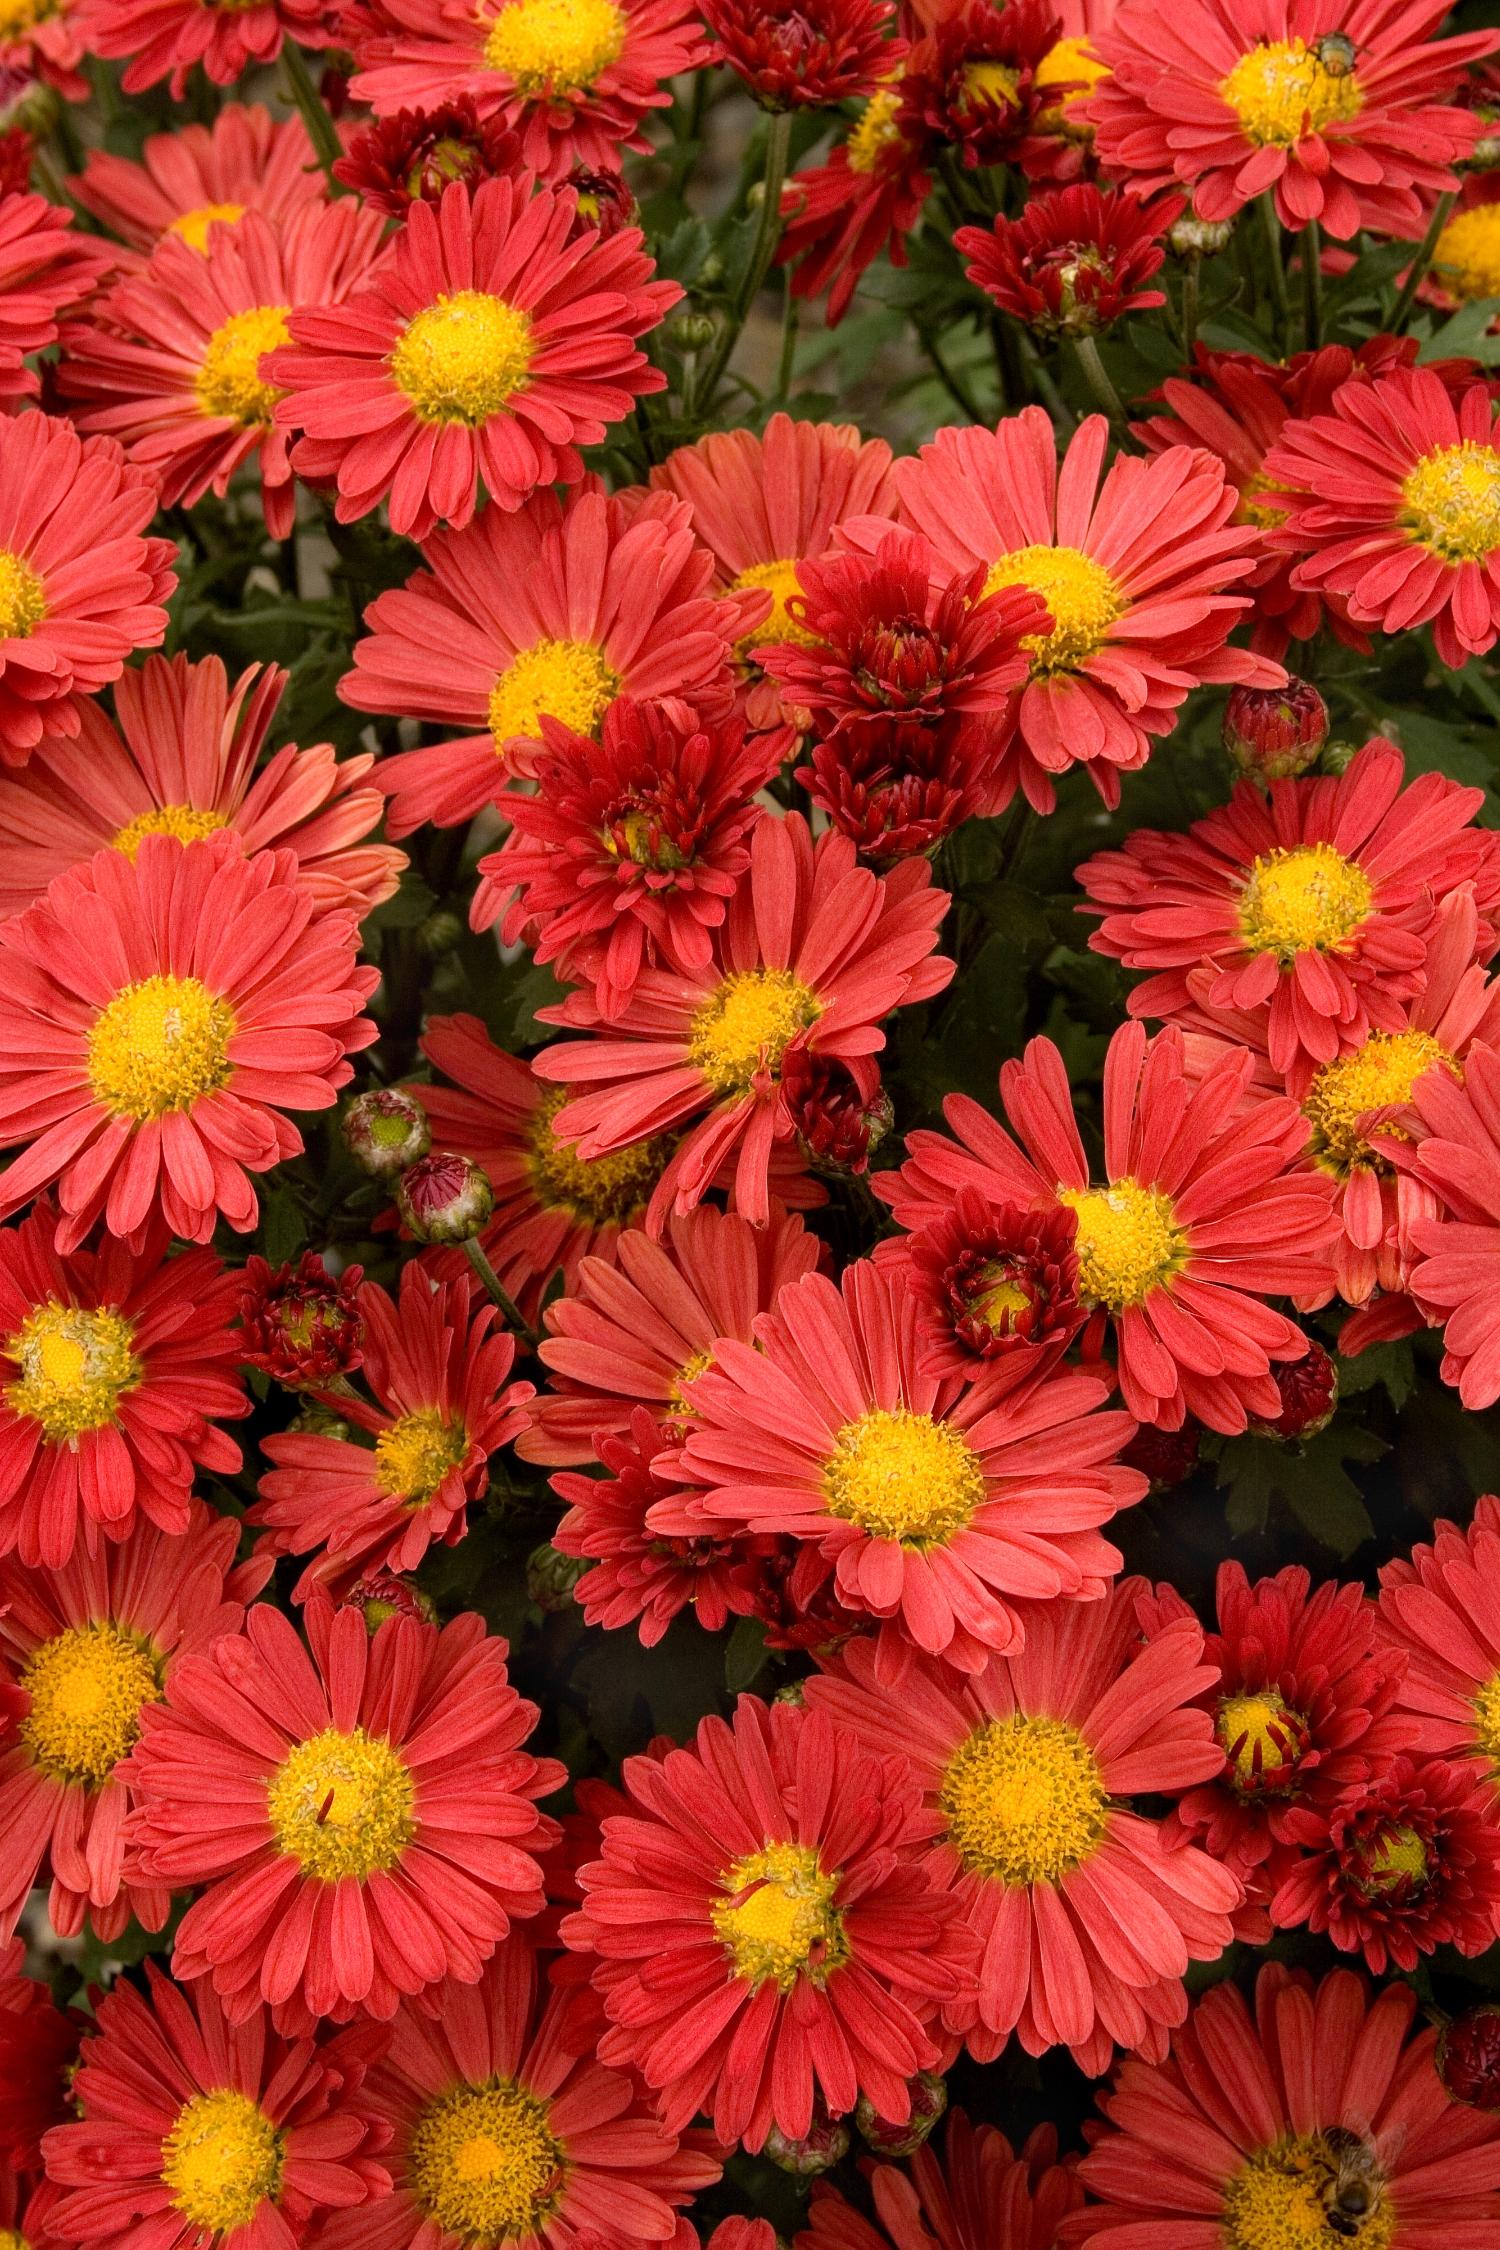 Mammoth™ Red Daisy Garden Mum - Monrovia - Mammoth™ Red Daisy Garden Mum